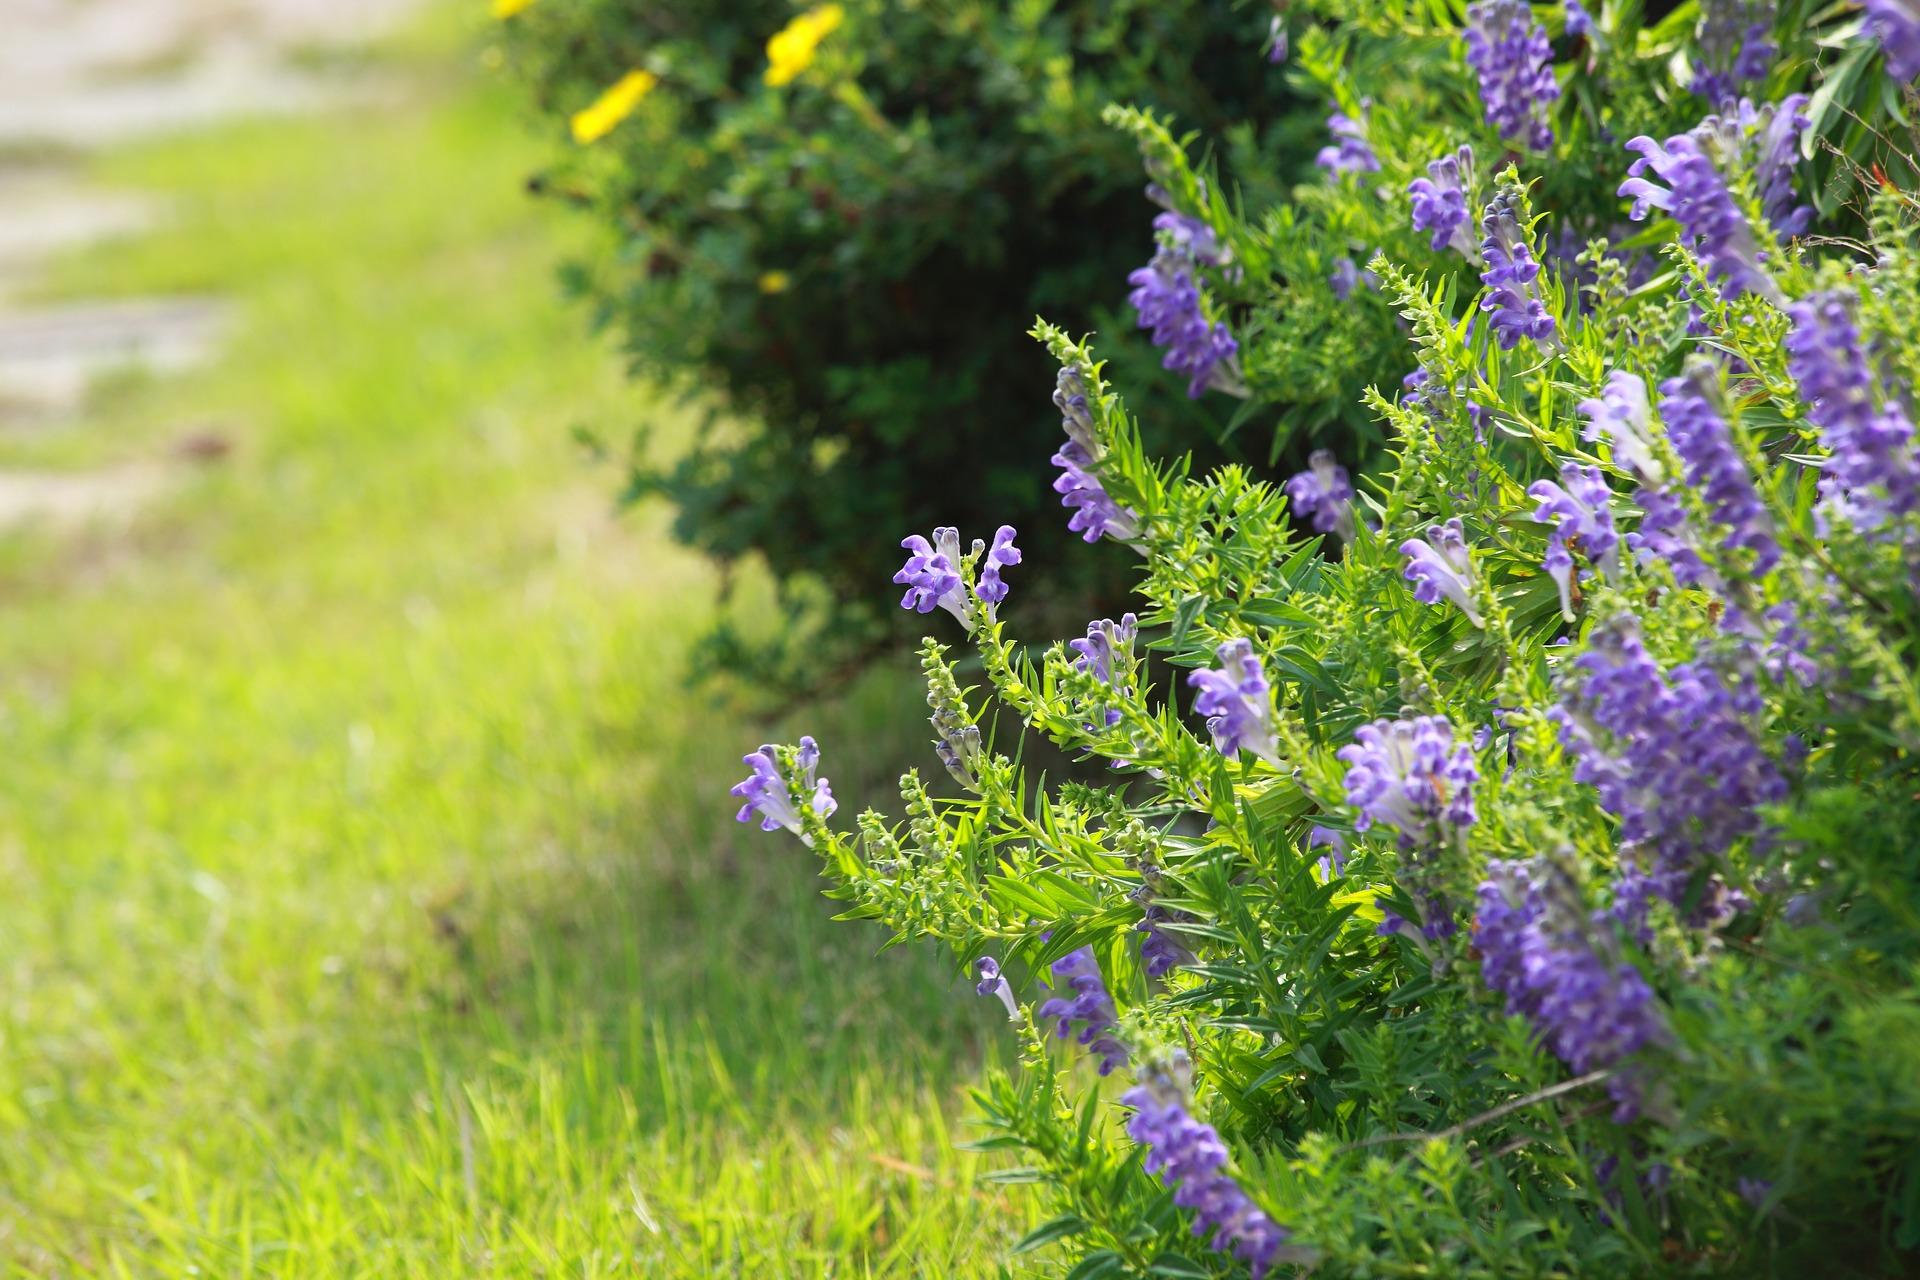 flowers-3241264_1920.jpg